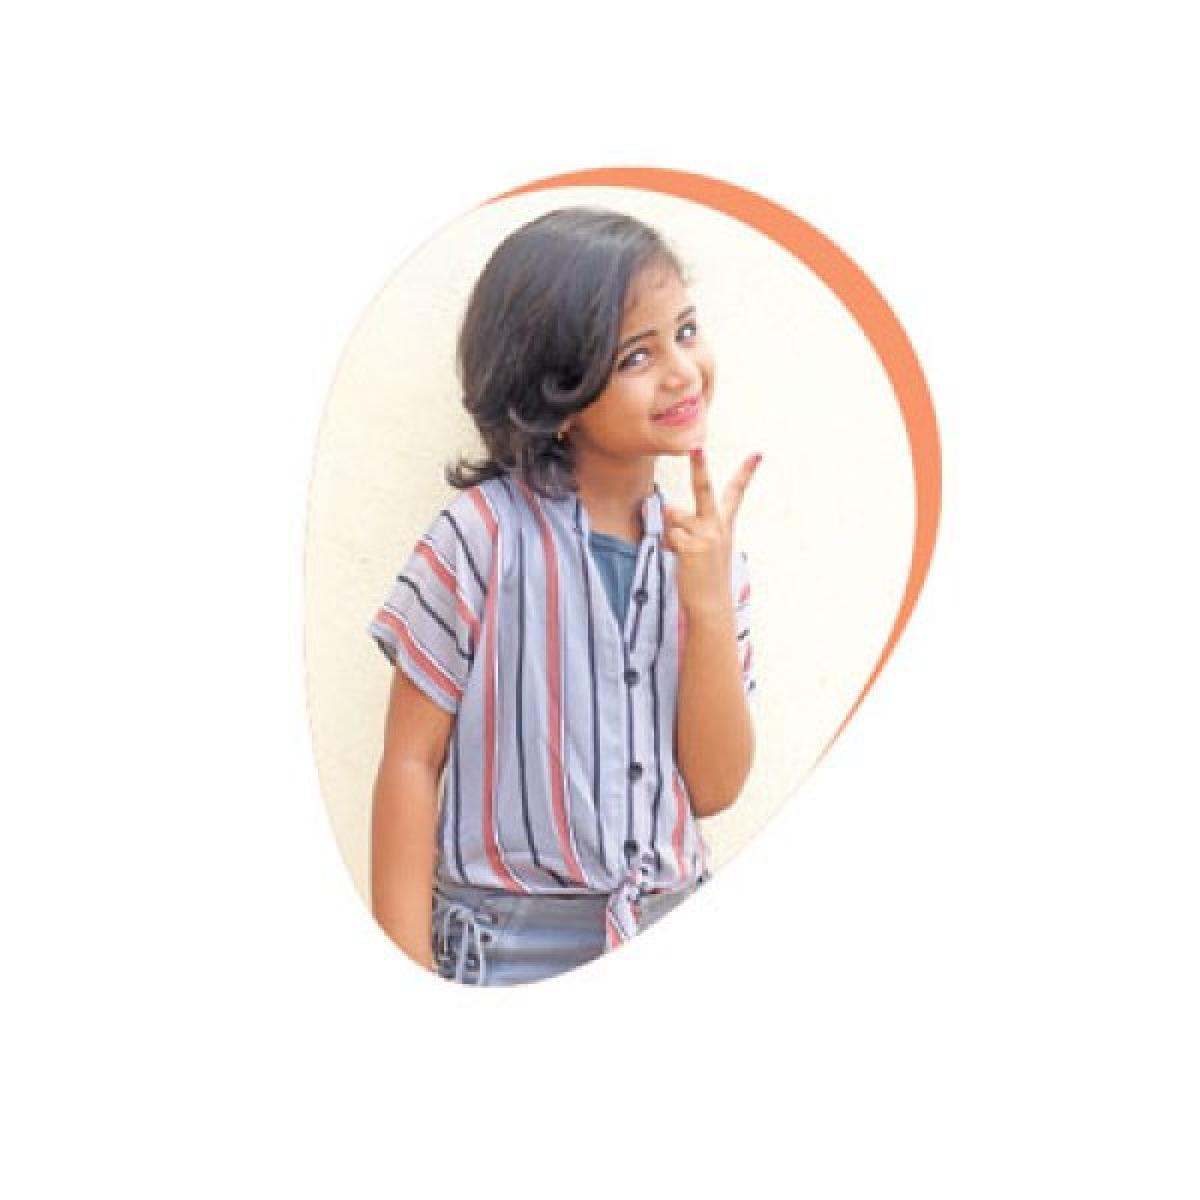 ரொம்ம்ம்ம்ம்ப ரியா